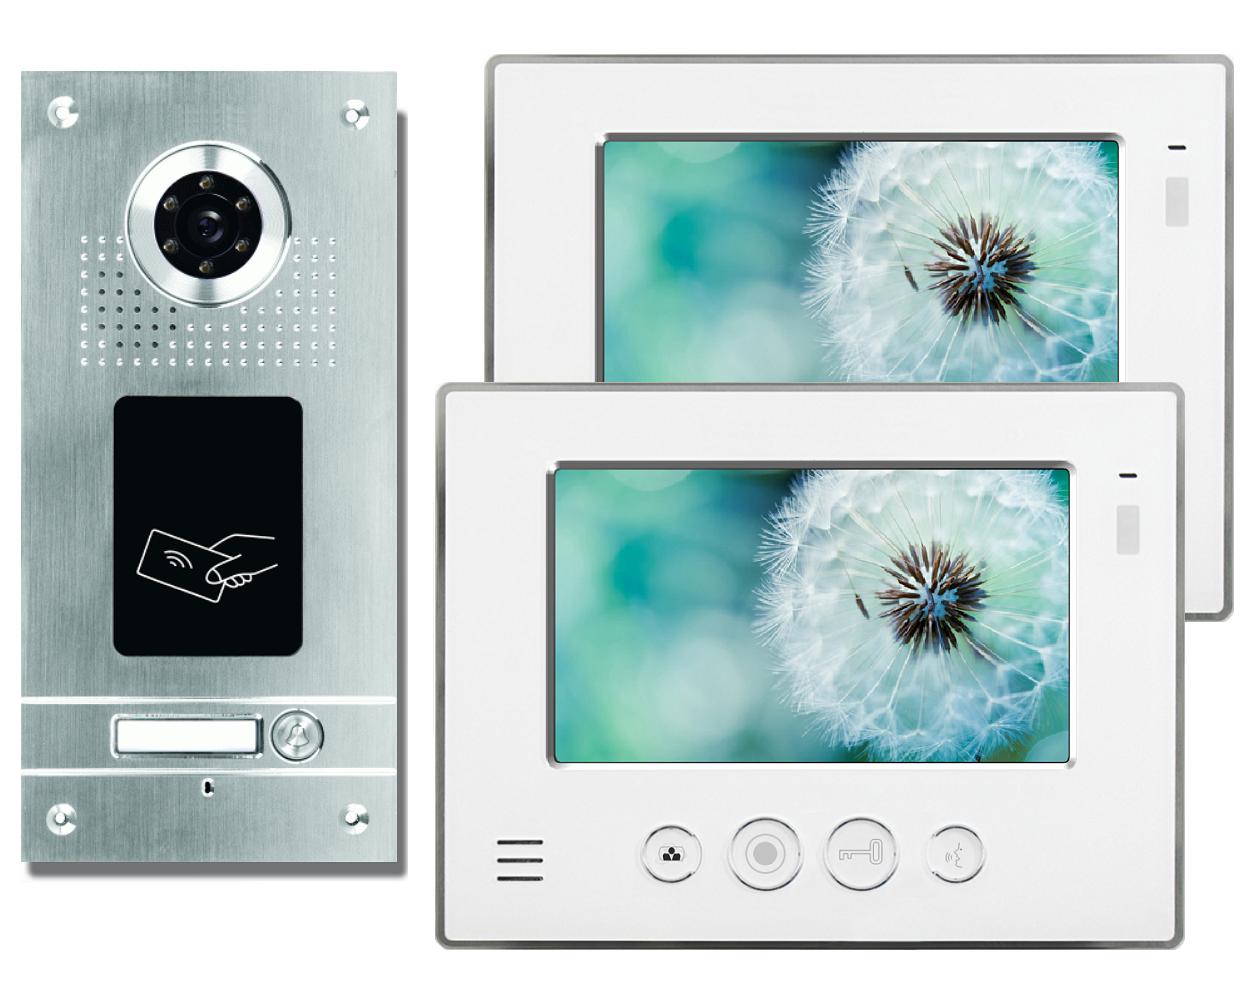 IR-Nachtsicht HFeng 4,3  Farb-Video-Gegensprechanlage-T/ürsprechanlage-Kit RFID-Zugangskamera-T/ürklingel 700TVL 100 Meter 3 Innenmonitore f/ür 3 Apartments//Home